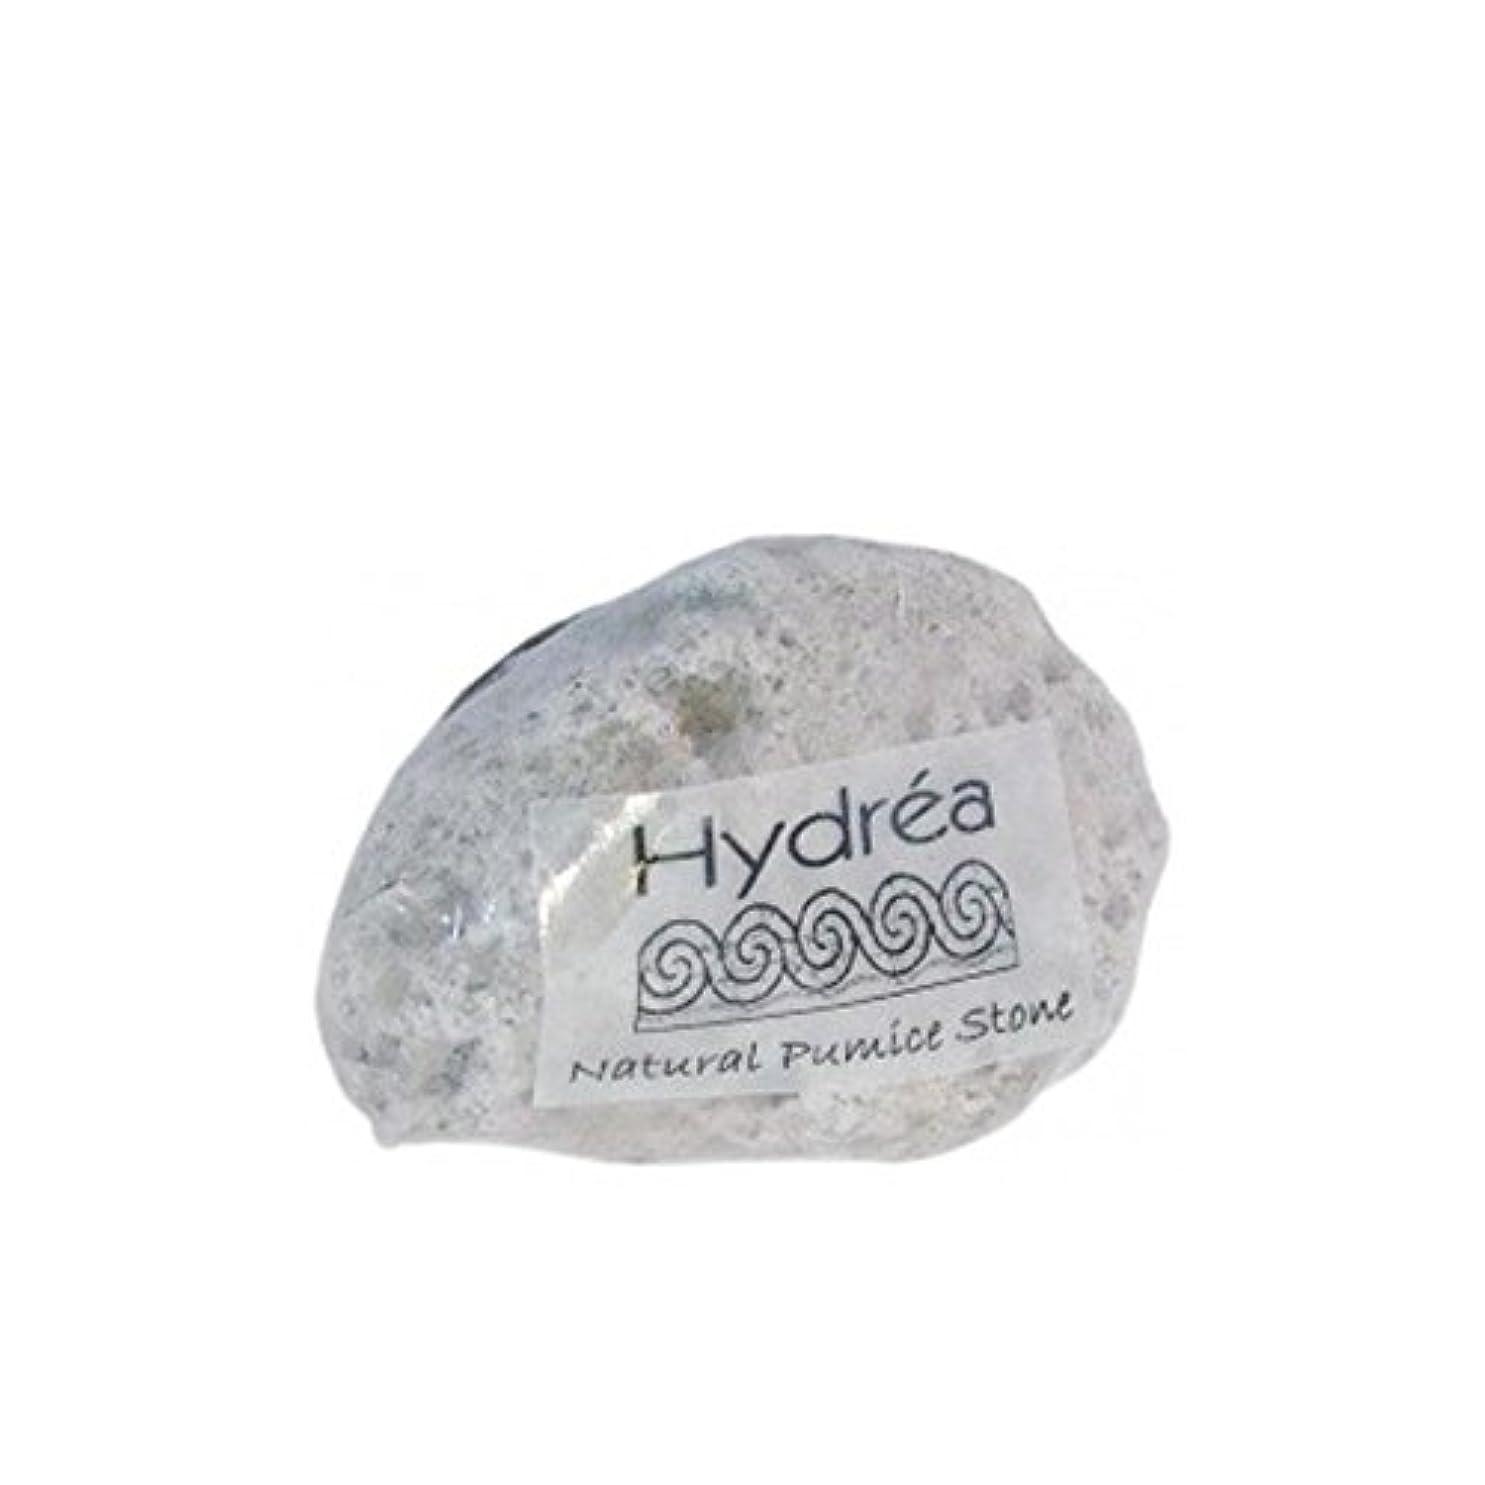 アラスカフェロー諸島文房具Hydrea London - Natural Pumice Stone - ハイドレアロンドン - 自然軽石 [並行輸入品]